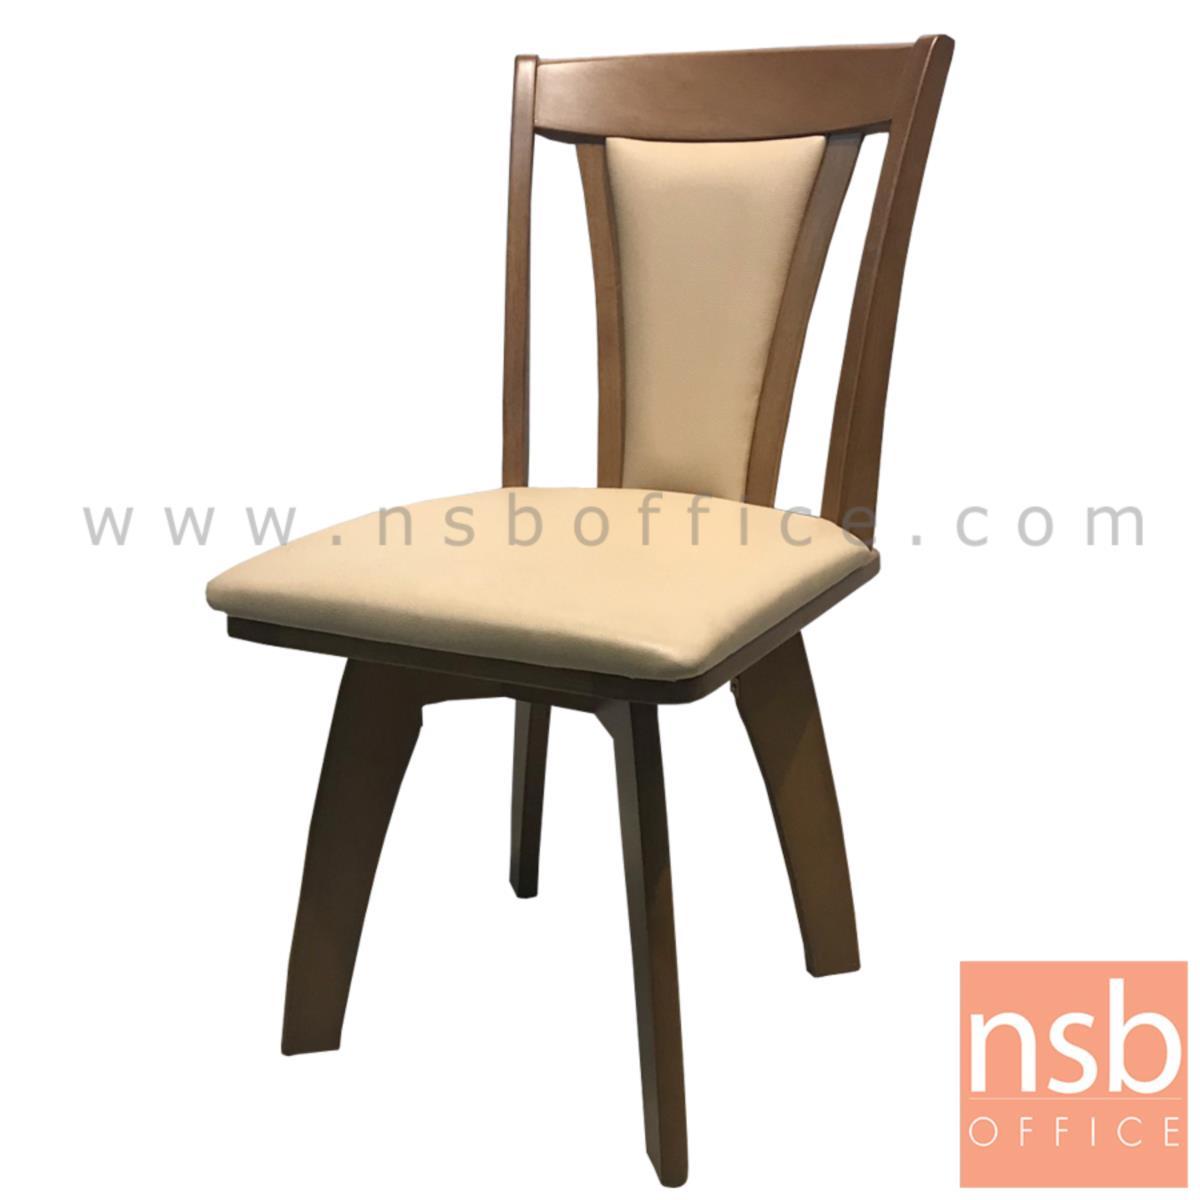 B22A162:เก้าอี้ไม้ที่นั่งหนังเทียม รุ่น NSB-42 ขนาด 42W cm.